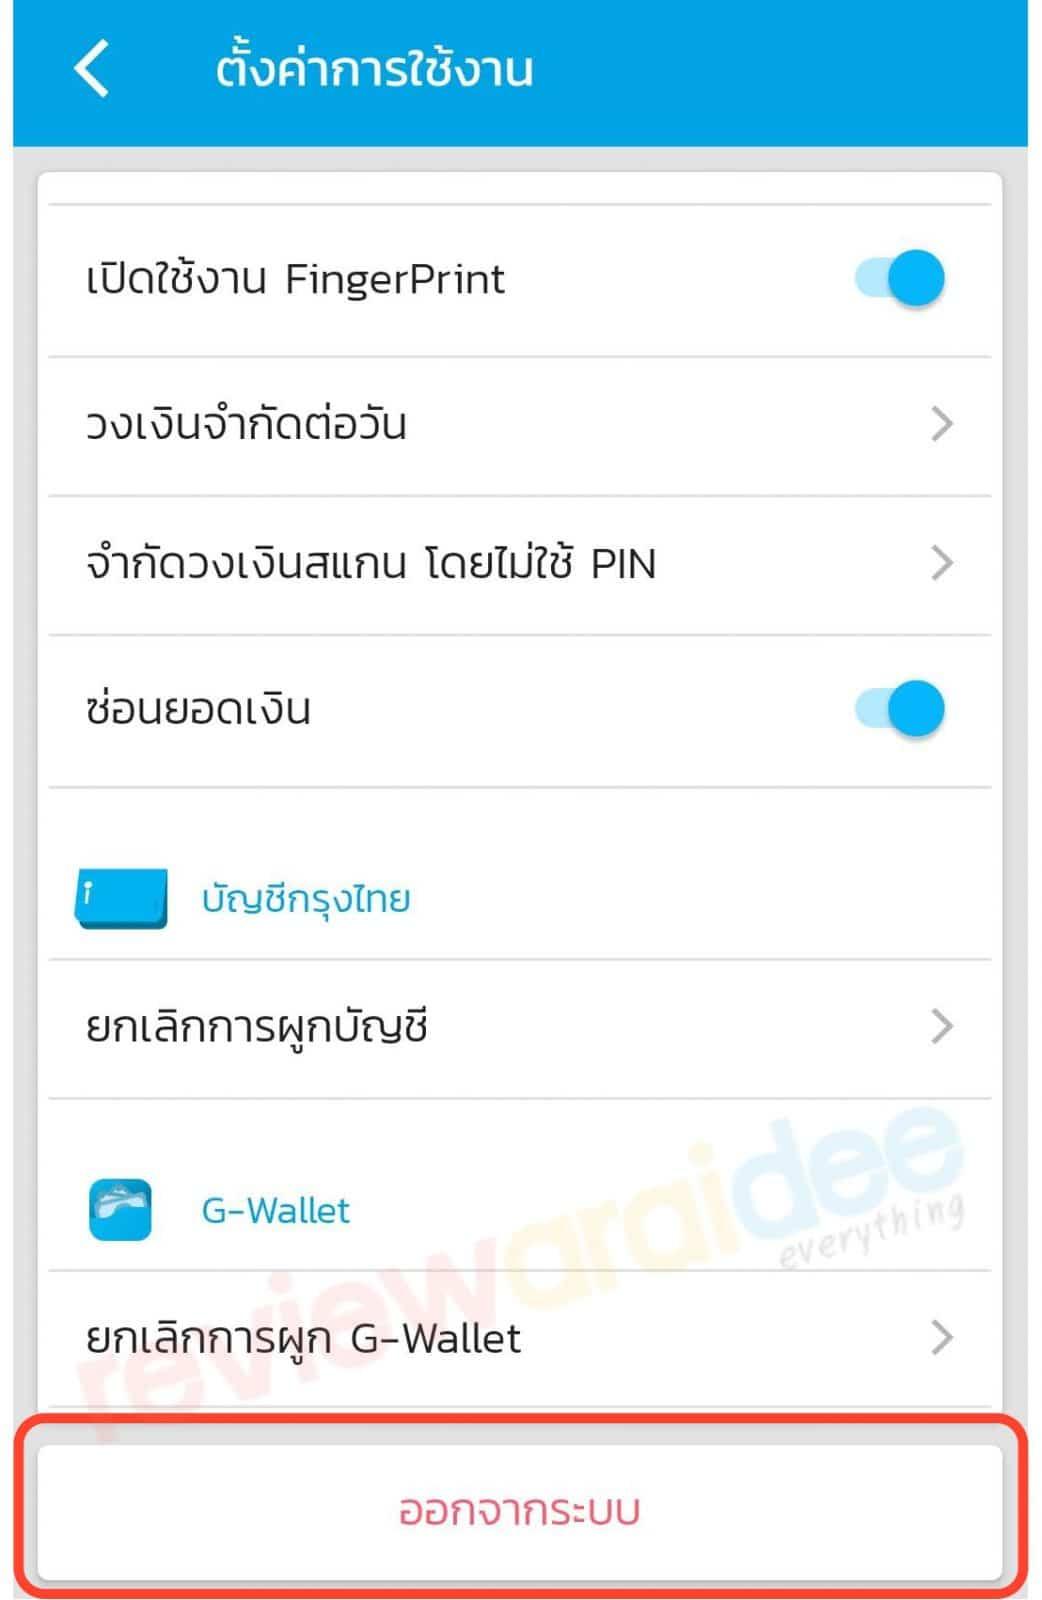 1000 baht g wallet  5